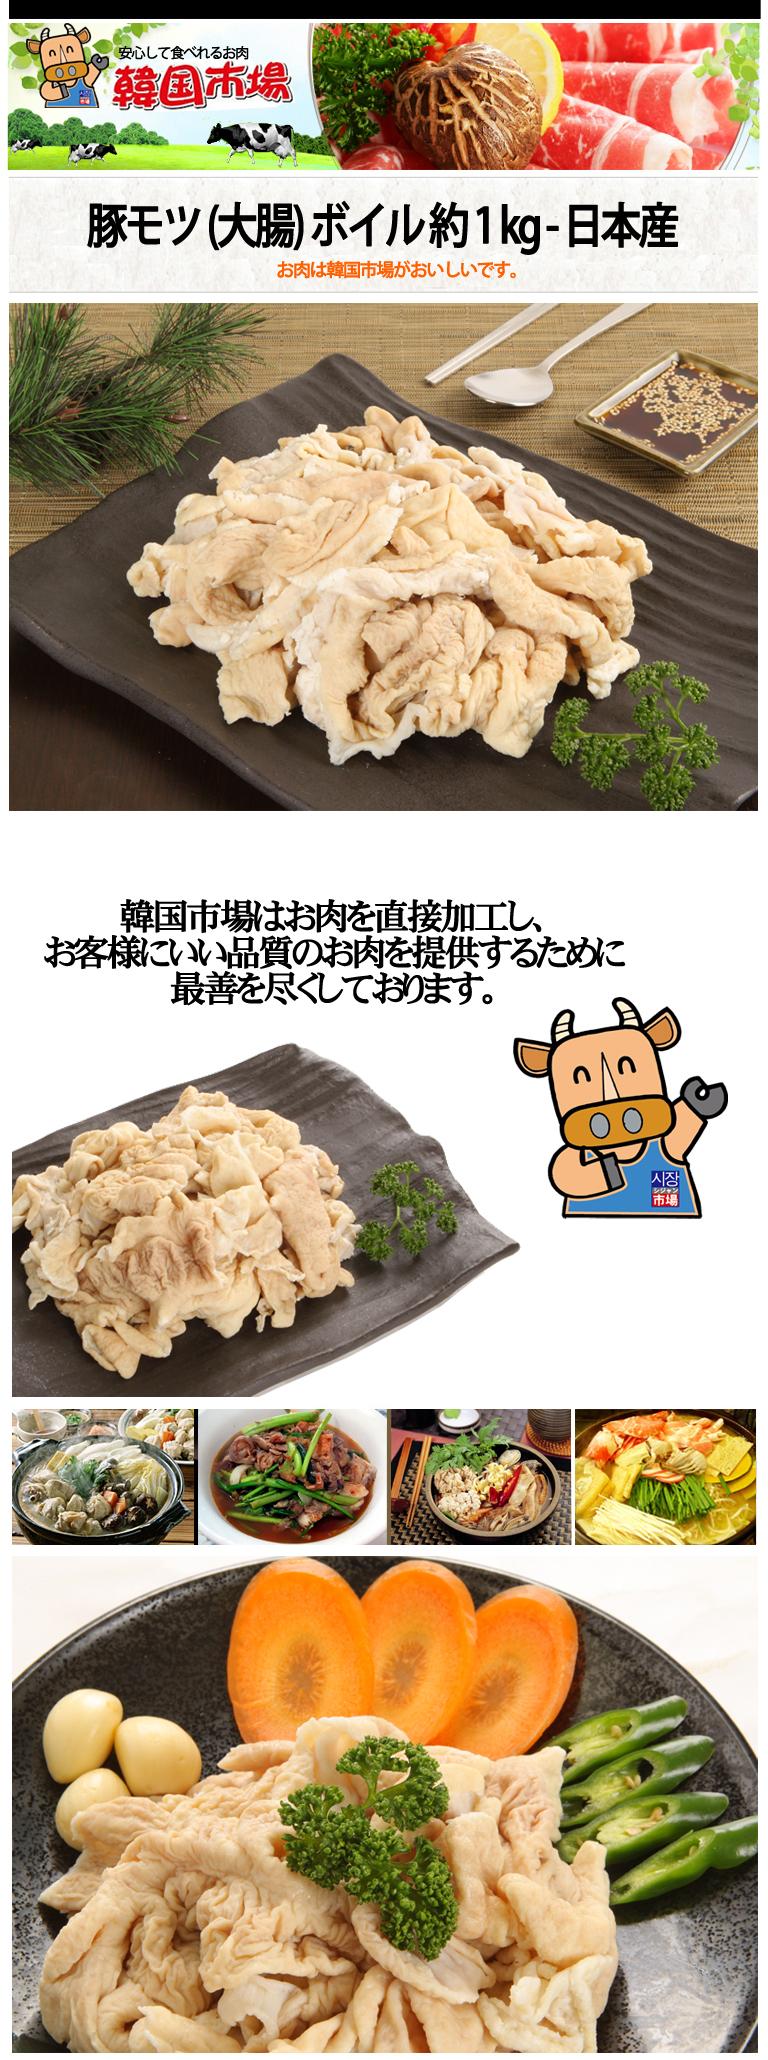 モツ鍋、モツ煮